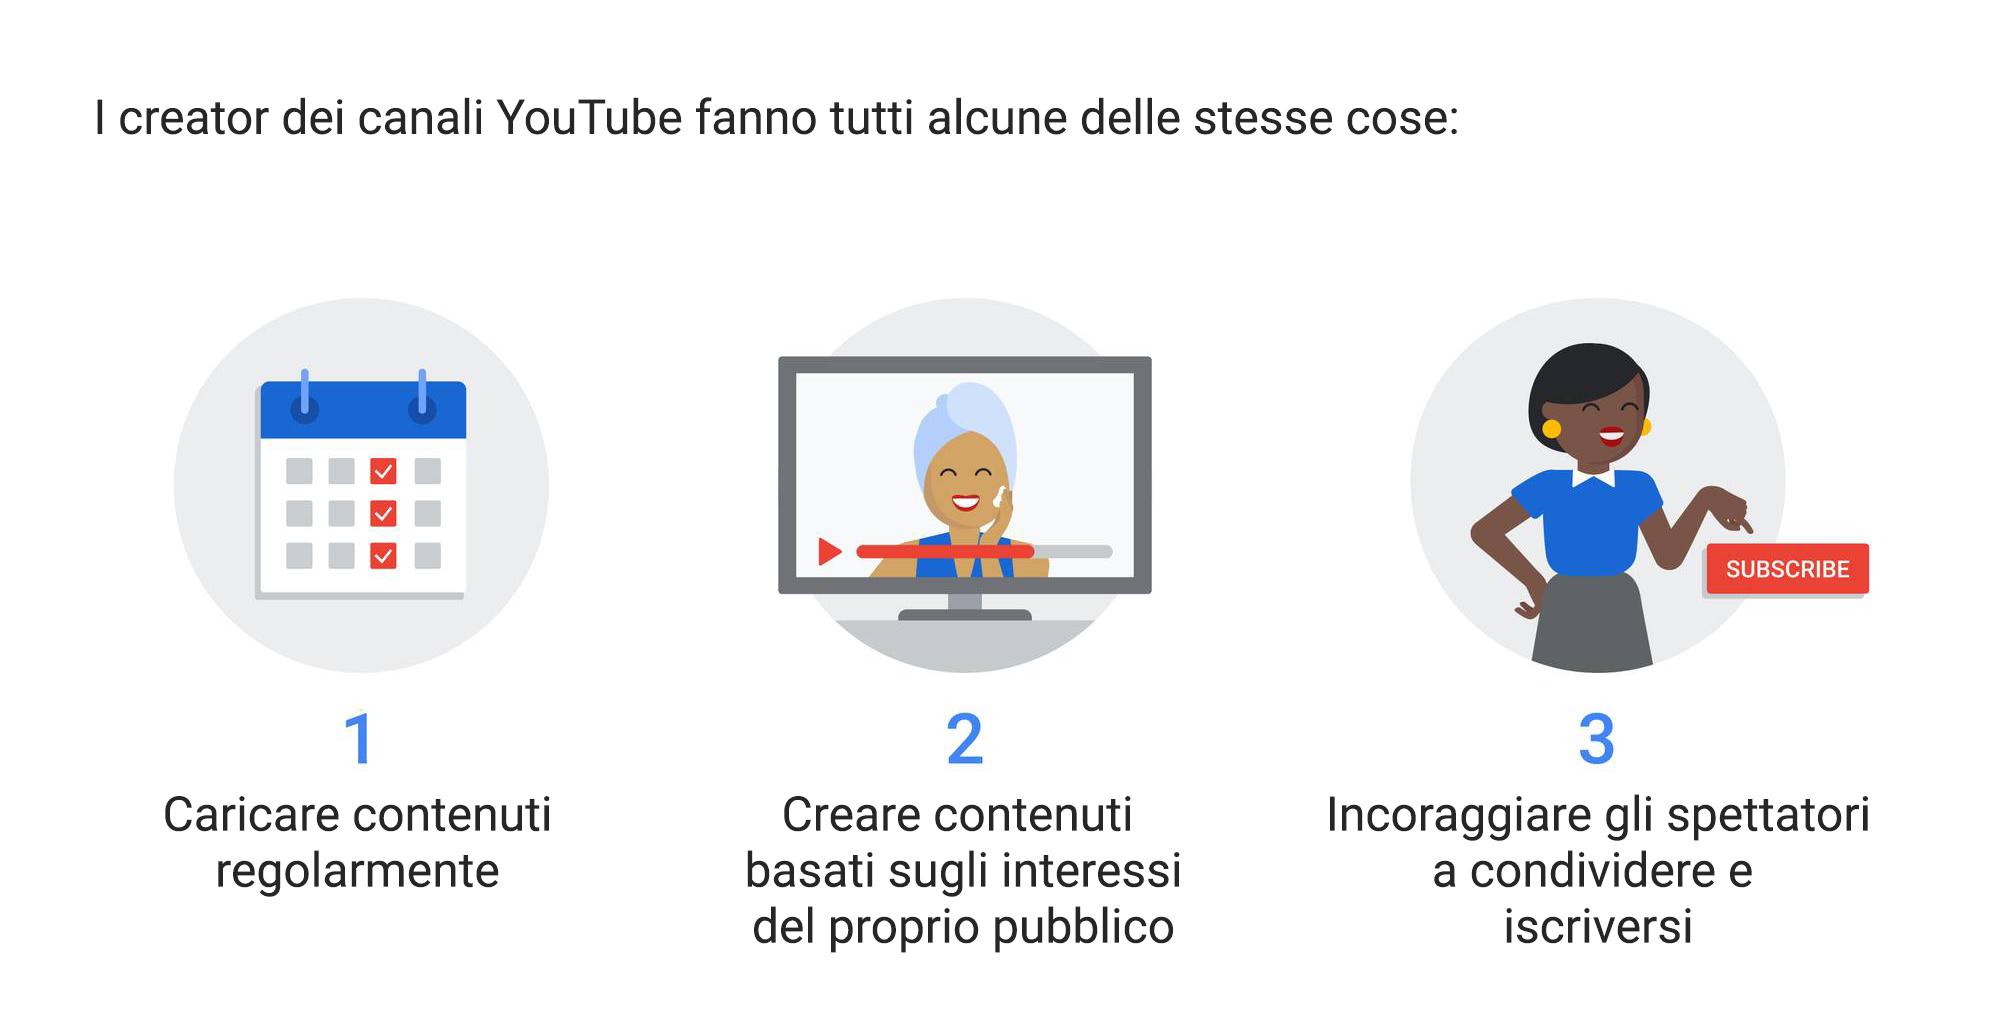 Quando i brand diventano creator: in che modo i brand di prodotti di bellezza possono utilizzare YouTube per apparire al meglio